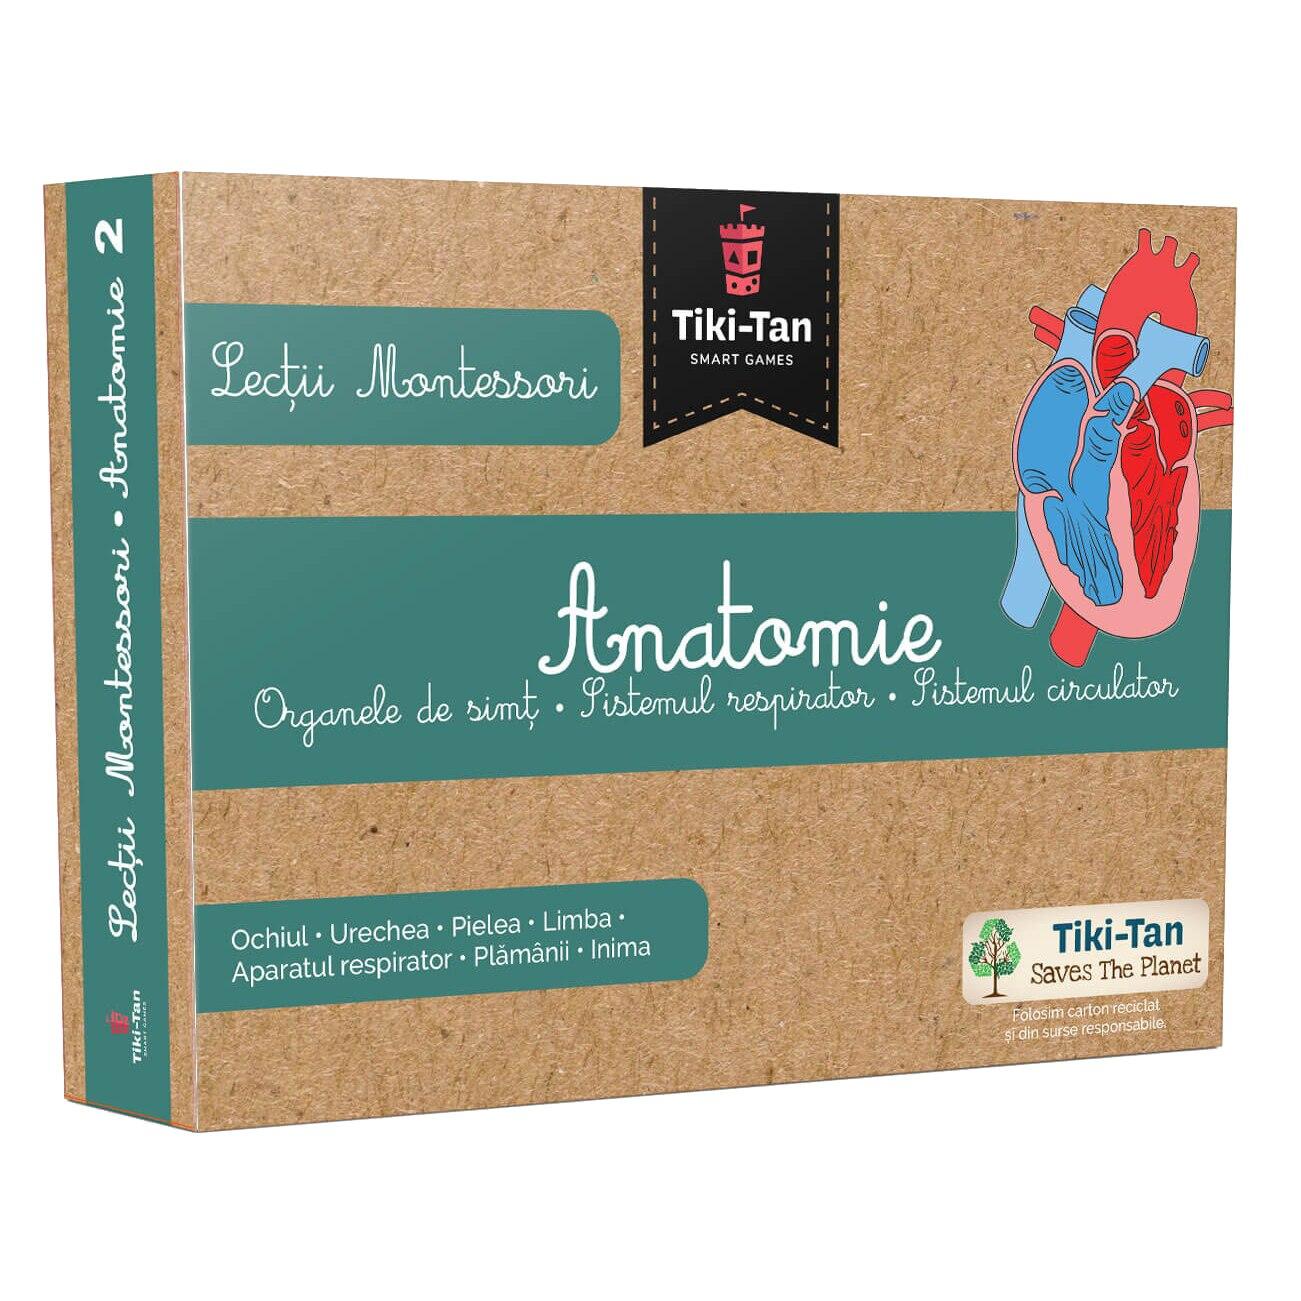 Lectii Montessori - Anatomie - Organe de simt, sistemul respirator, sistemul circulator